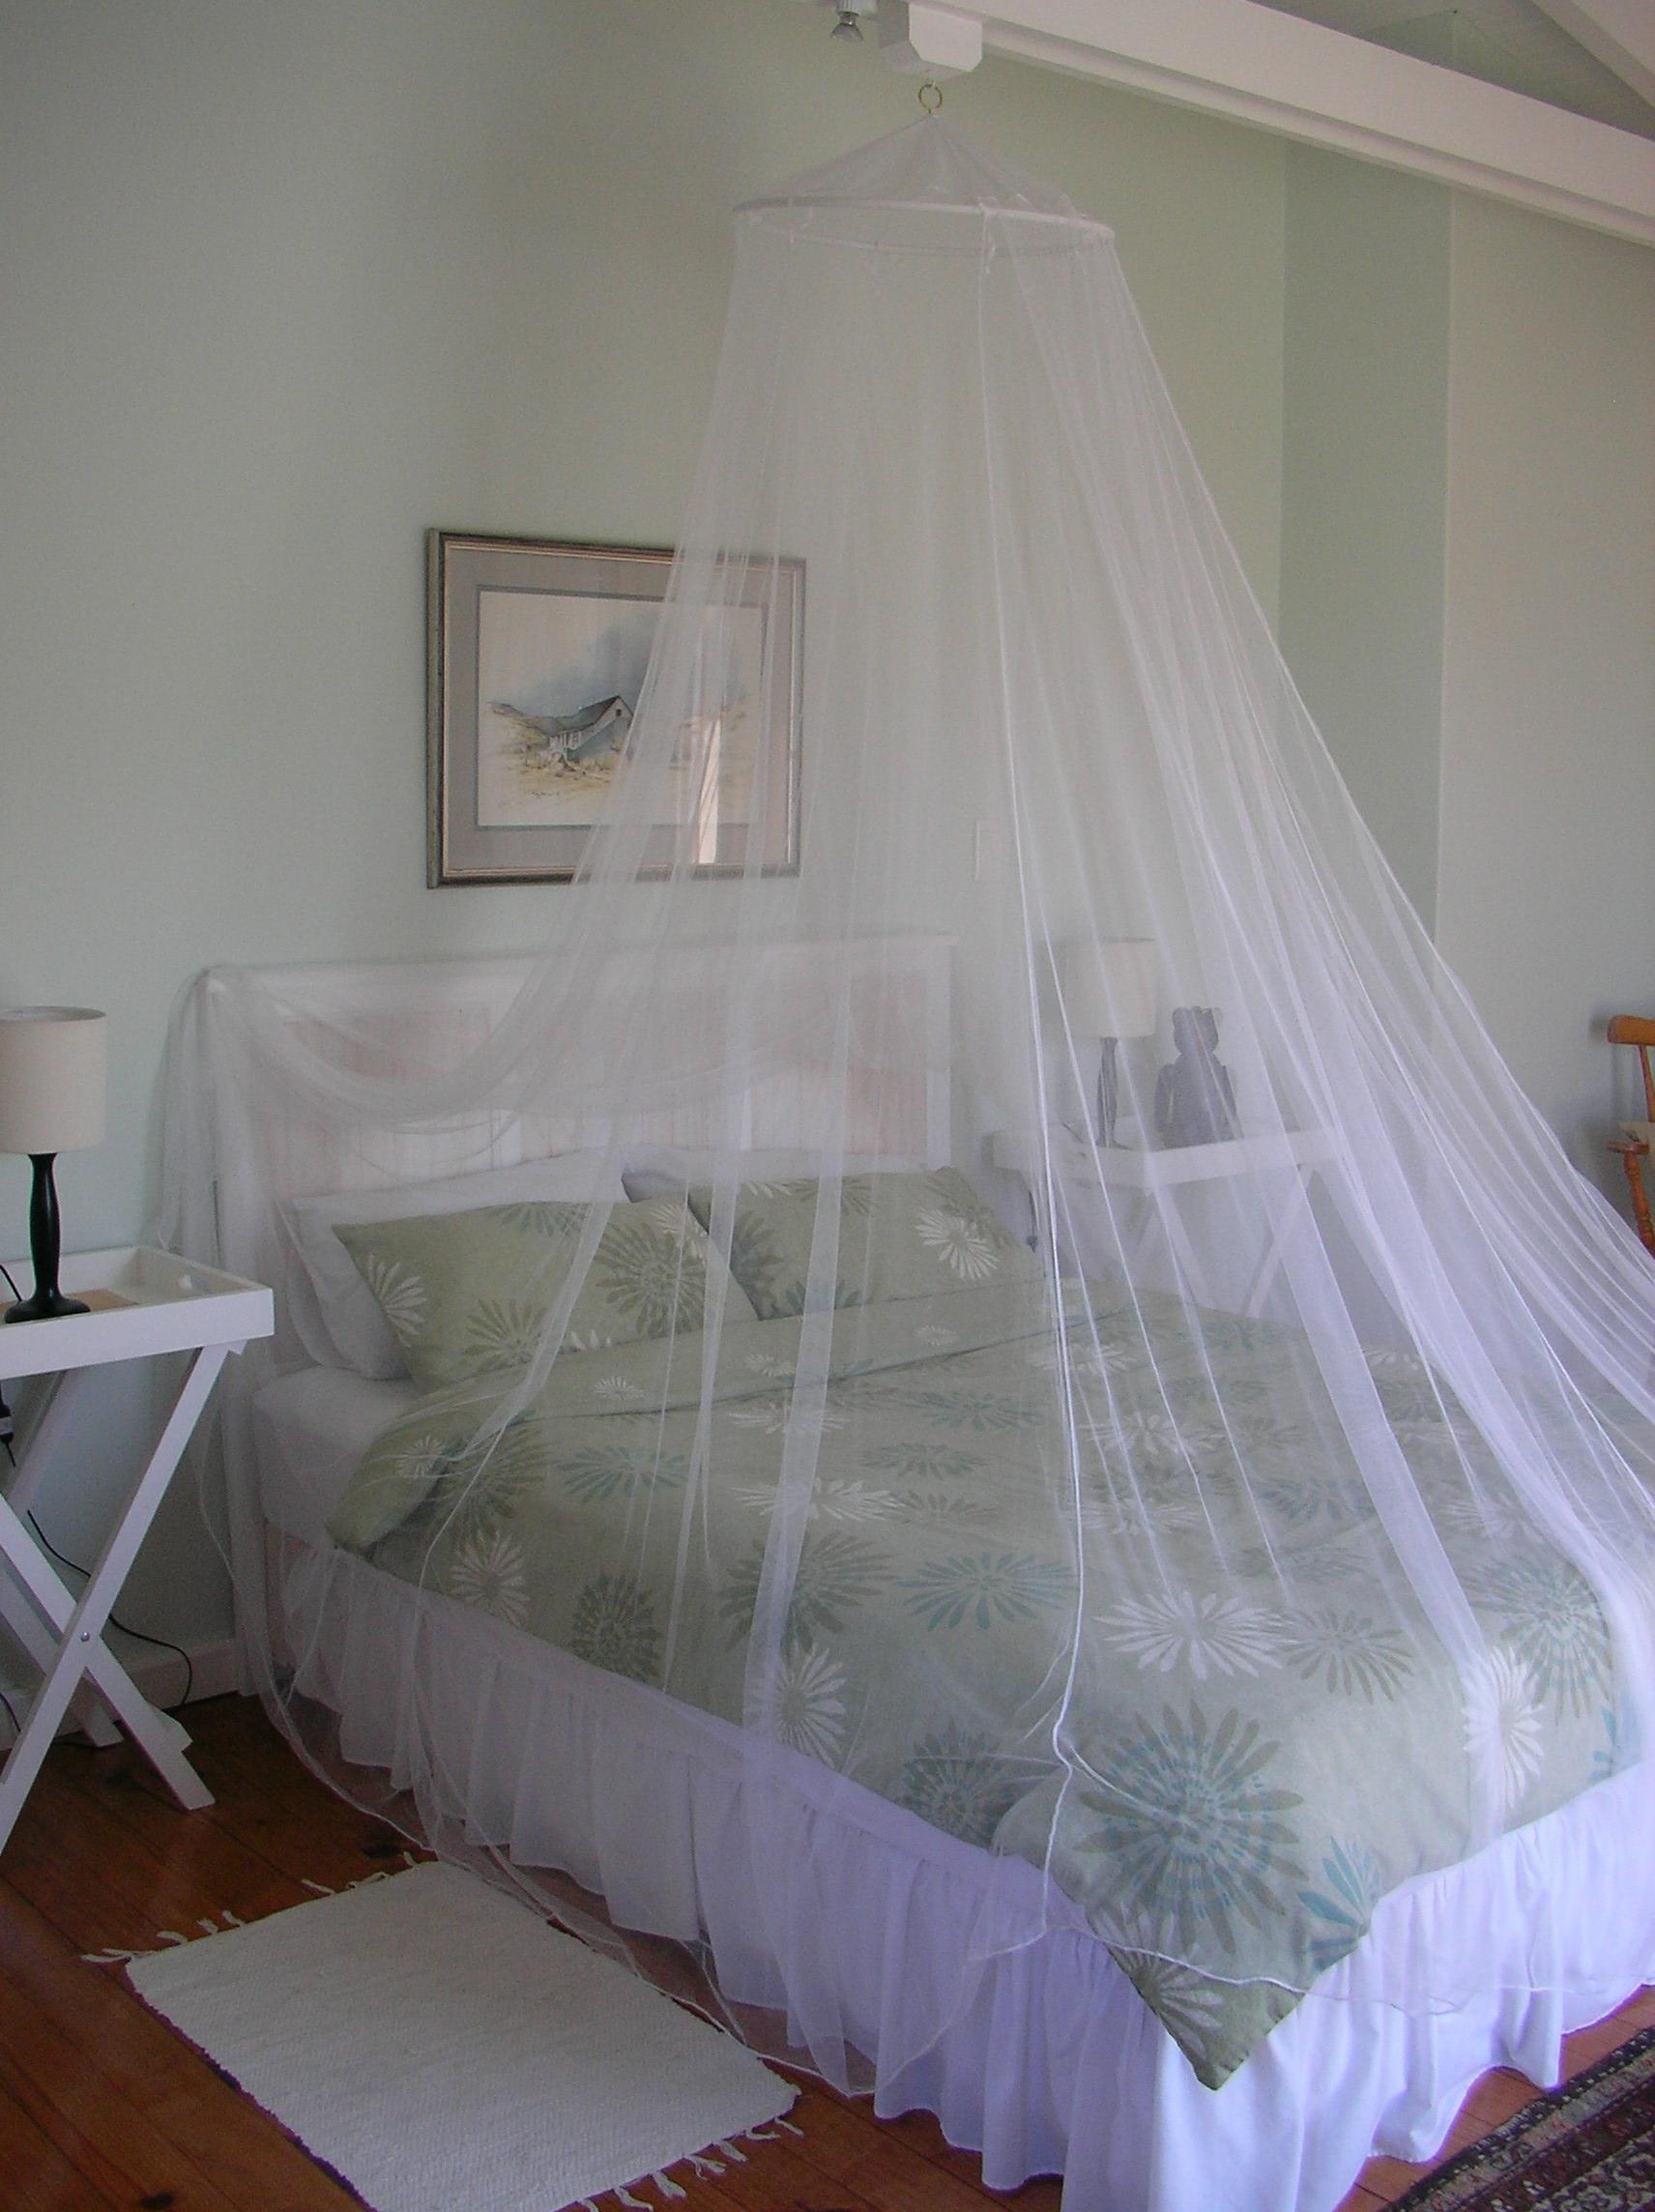 Mosquito In Bedroom: 79 Dassen Island